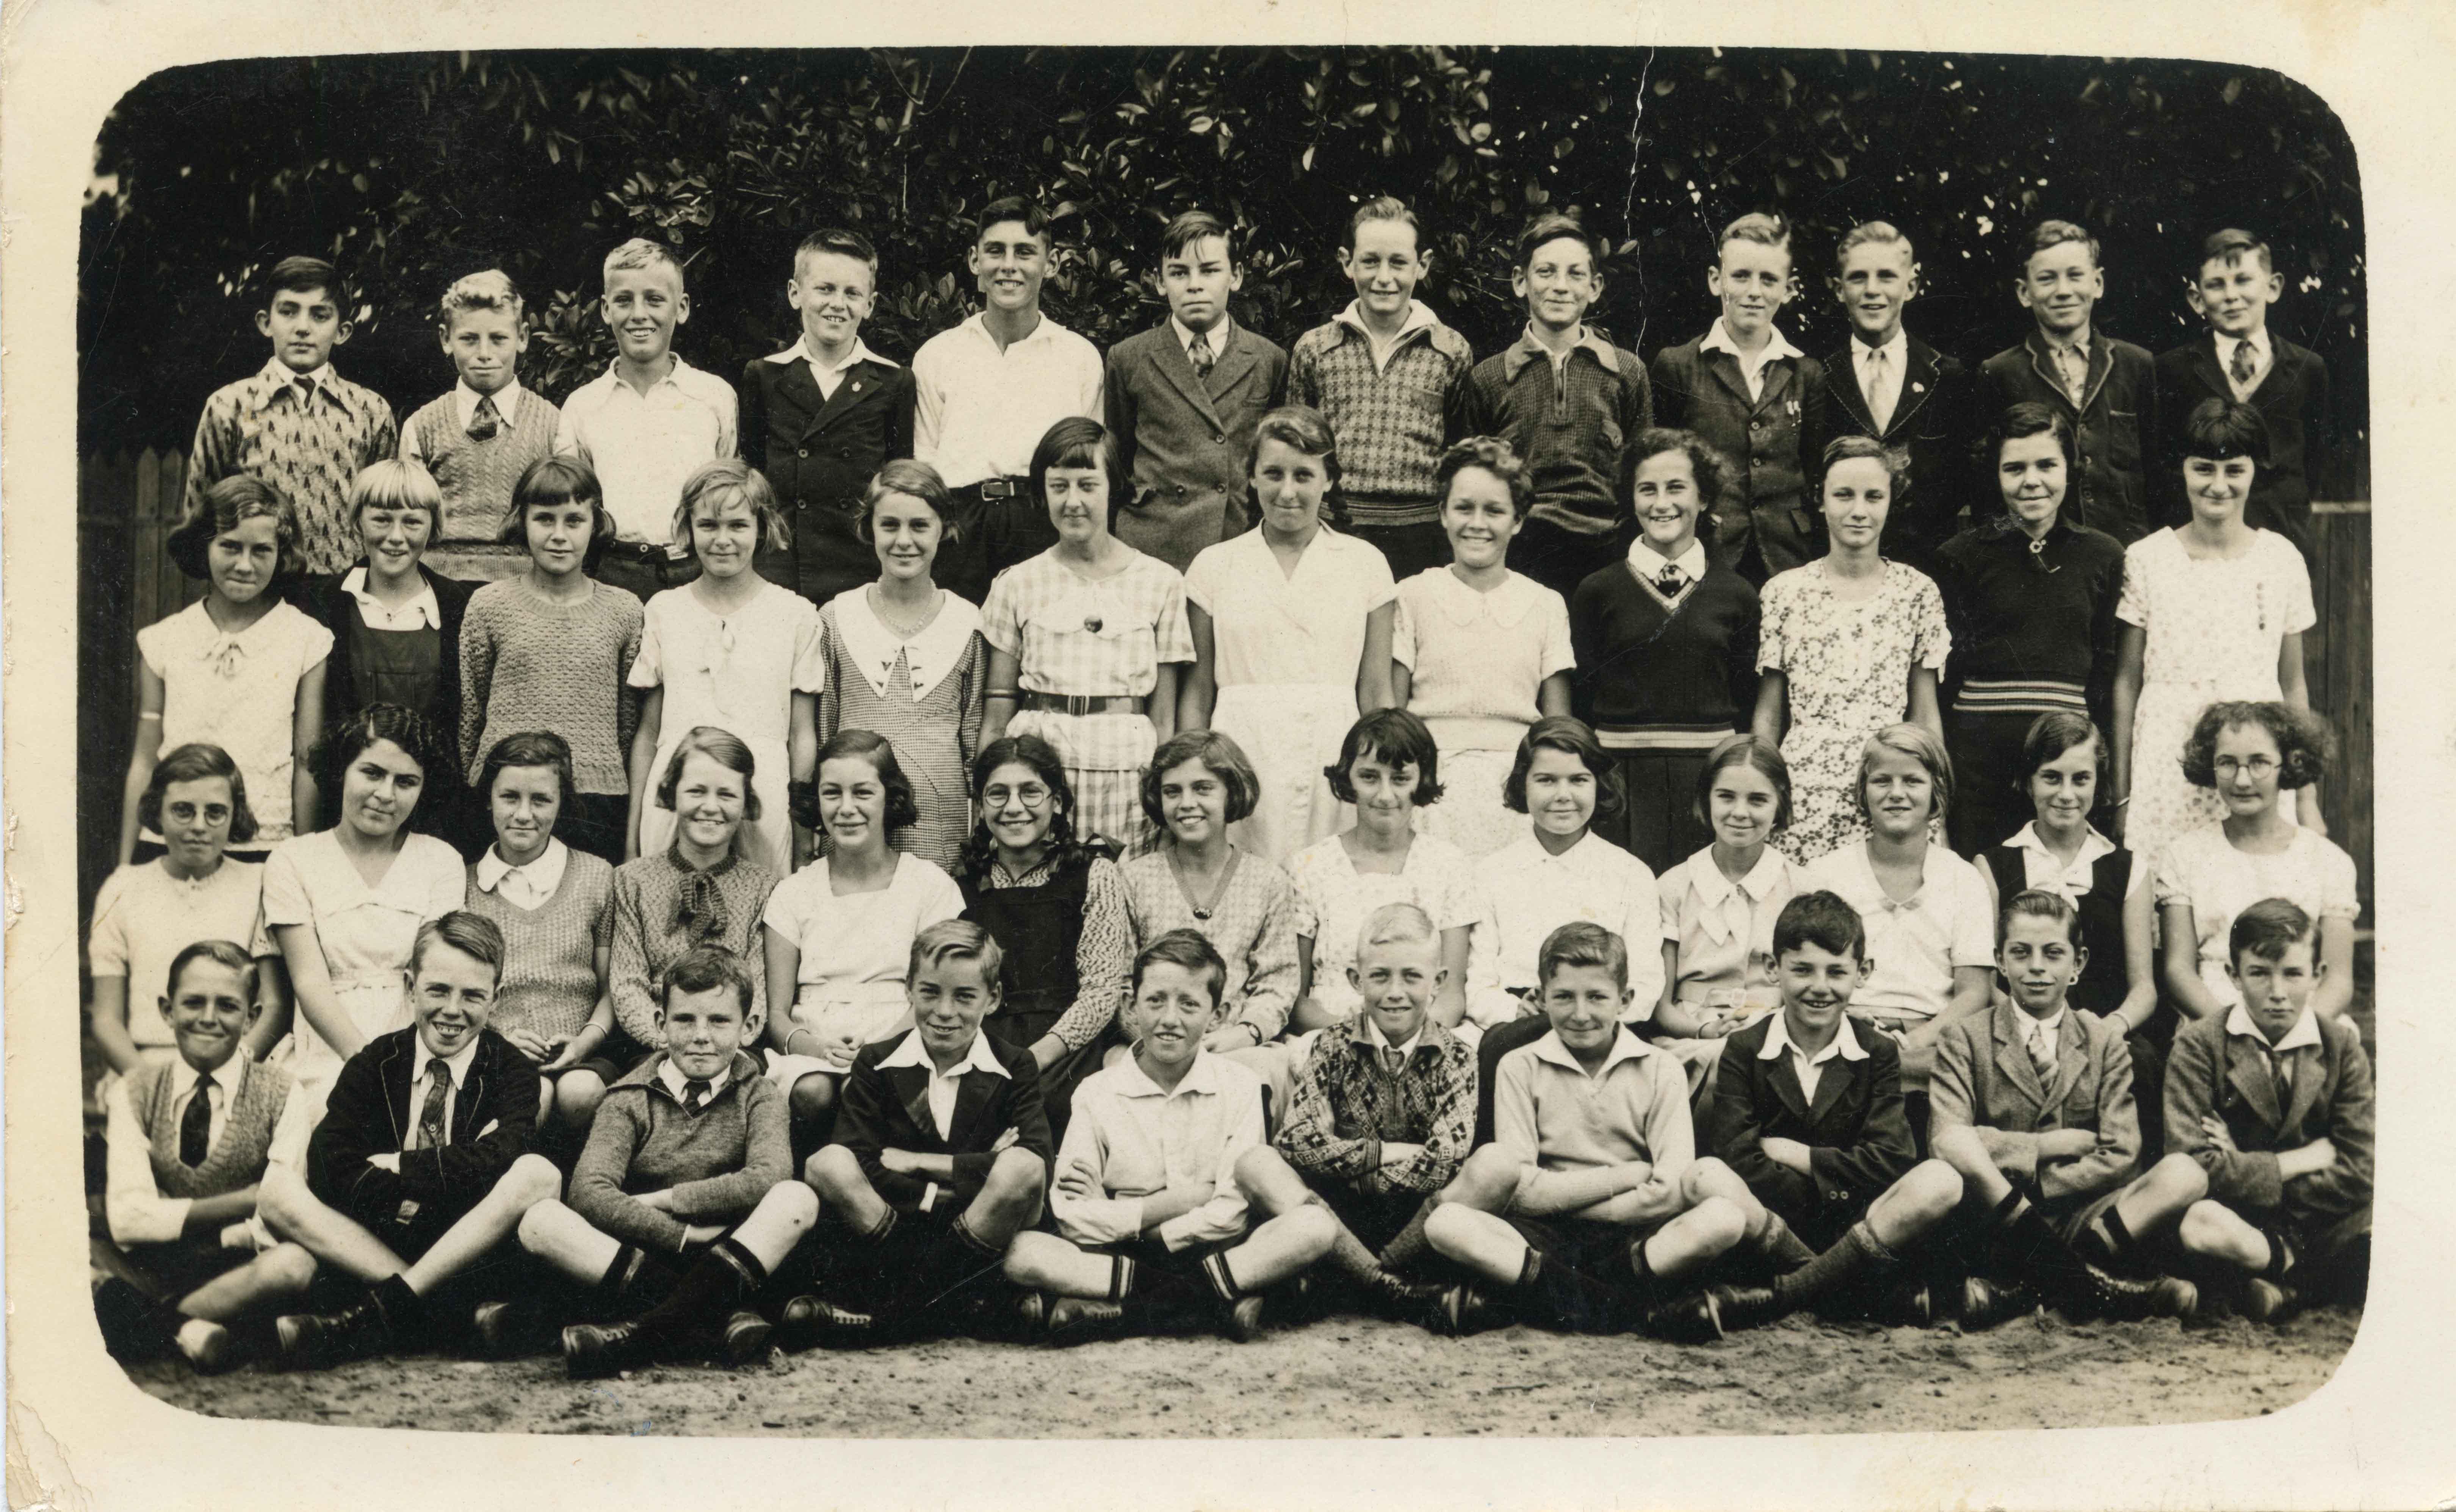 77. North Perth School, 1934